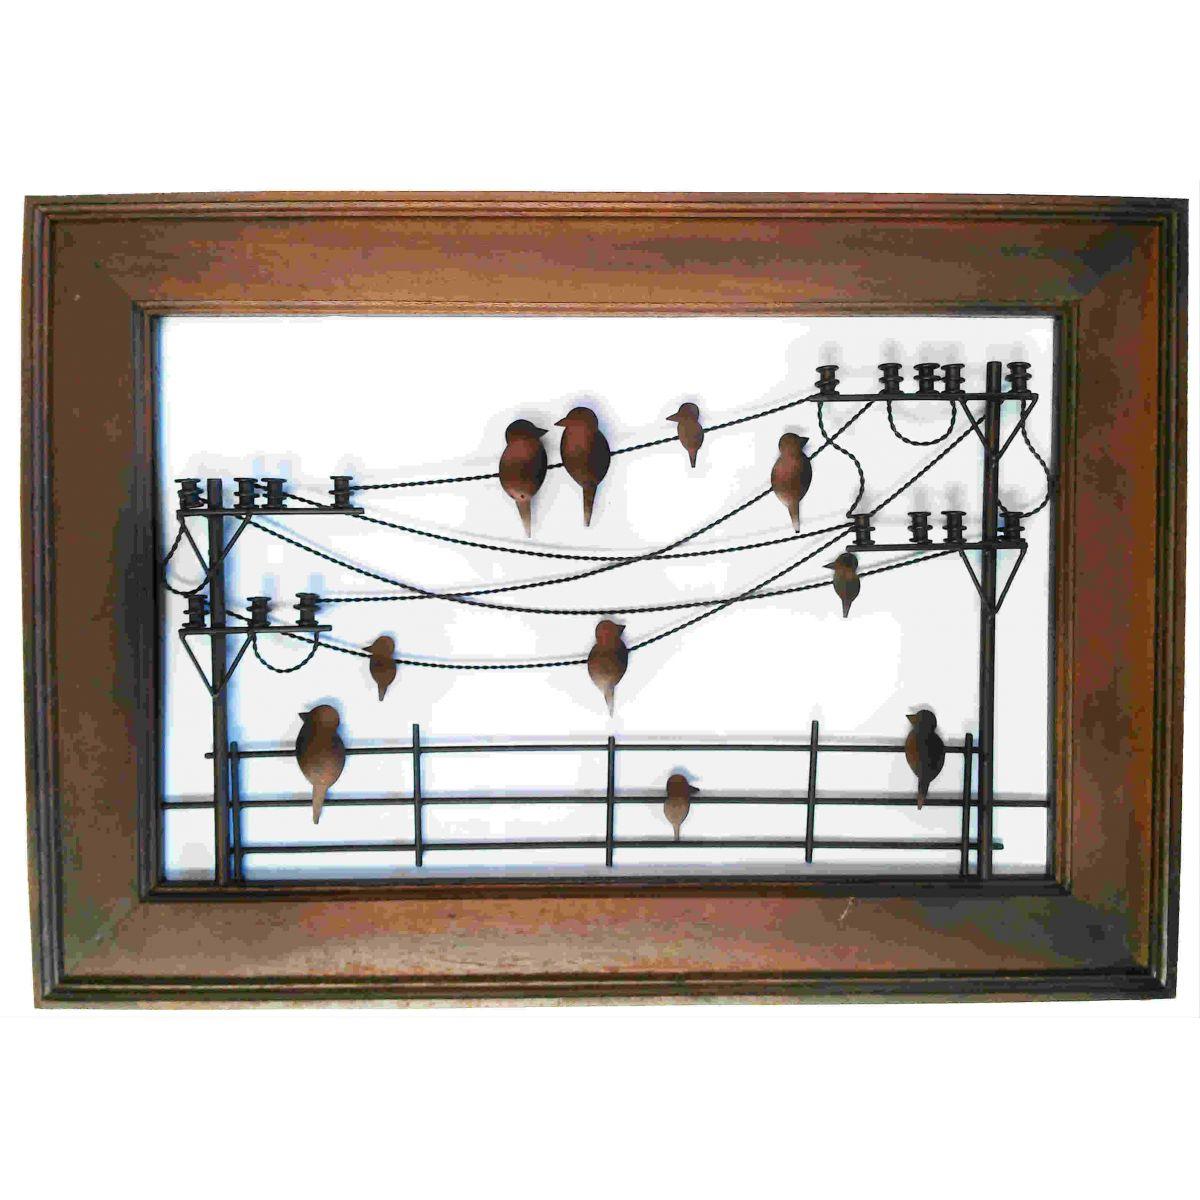 Armario Escritorio ~ Quadro Artesanal Ferro Madeira Rústico Sala Pássaros Parede 1,00 x 0,70 Libertas Rosas Artesanato